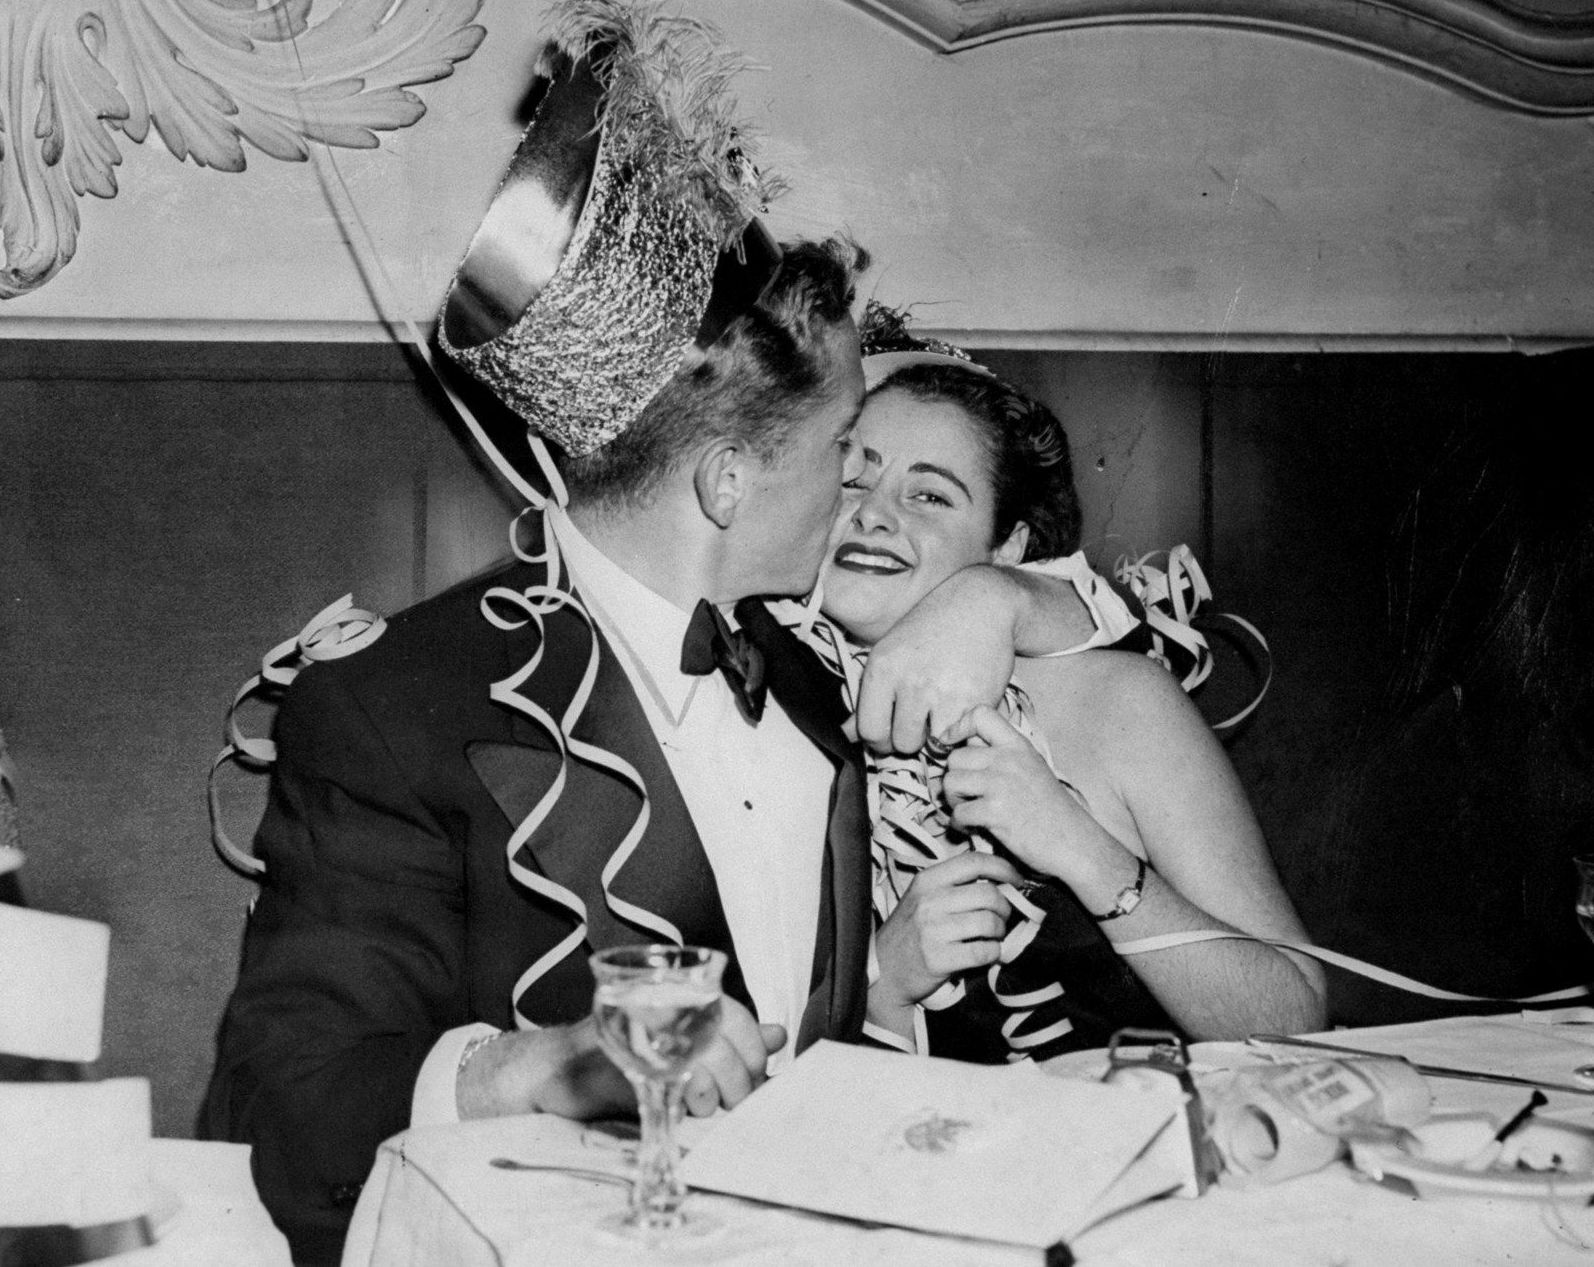 1941. Люди празднуют Новый год в Нью-Йорке 31 декабря.jpg